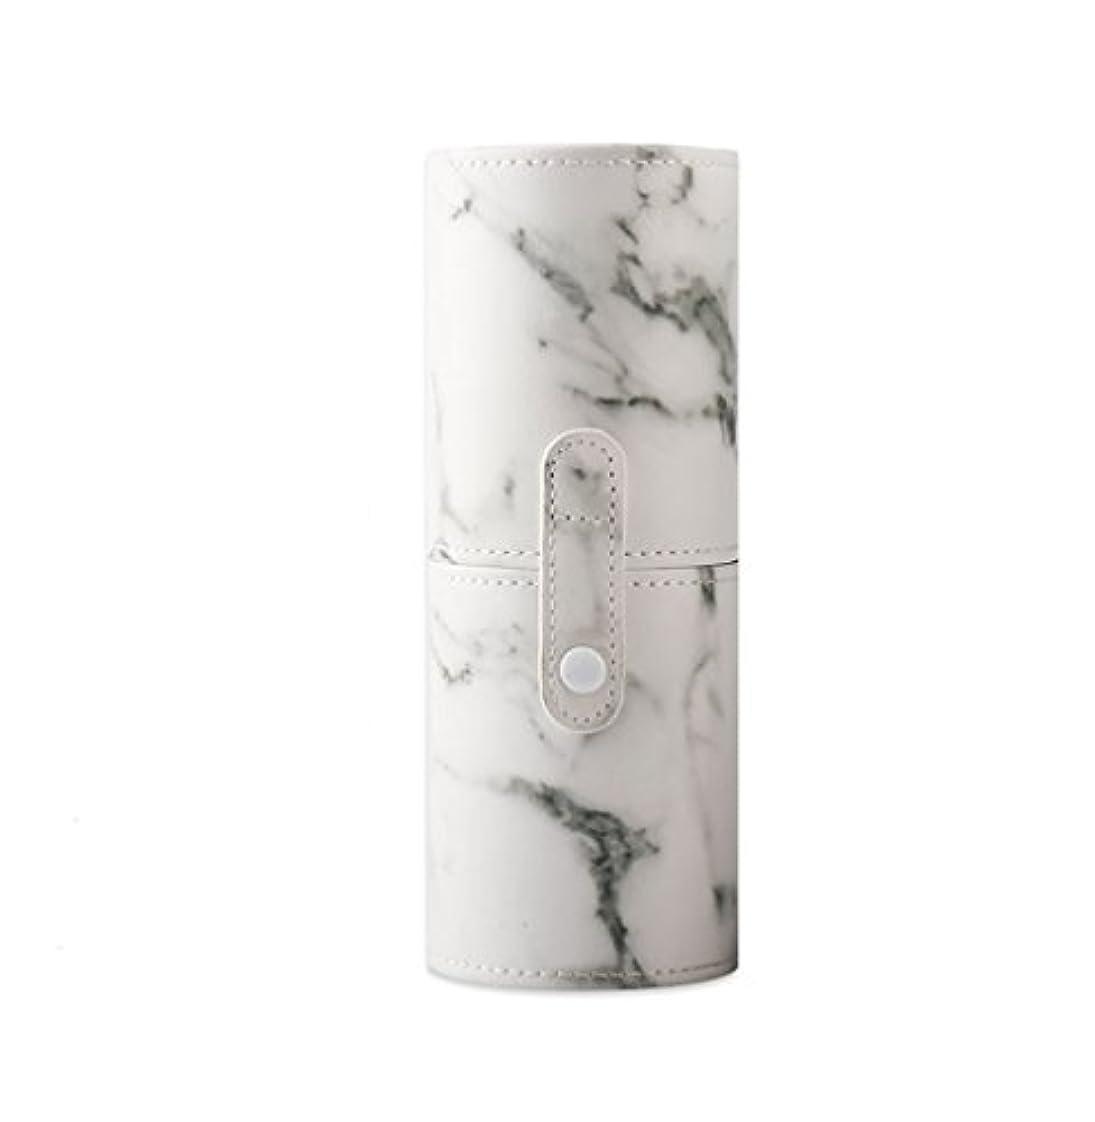 継承介入するサラダKINGZUO メイクブラシホルダー 専用収納 コスメケース ボックス 文具ケース PUレザー 旅行 小物収納 携帯便利 化粧カップ  約12本収納